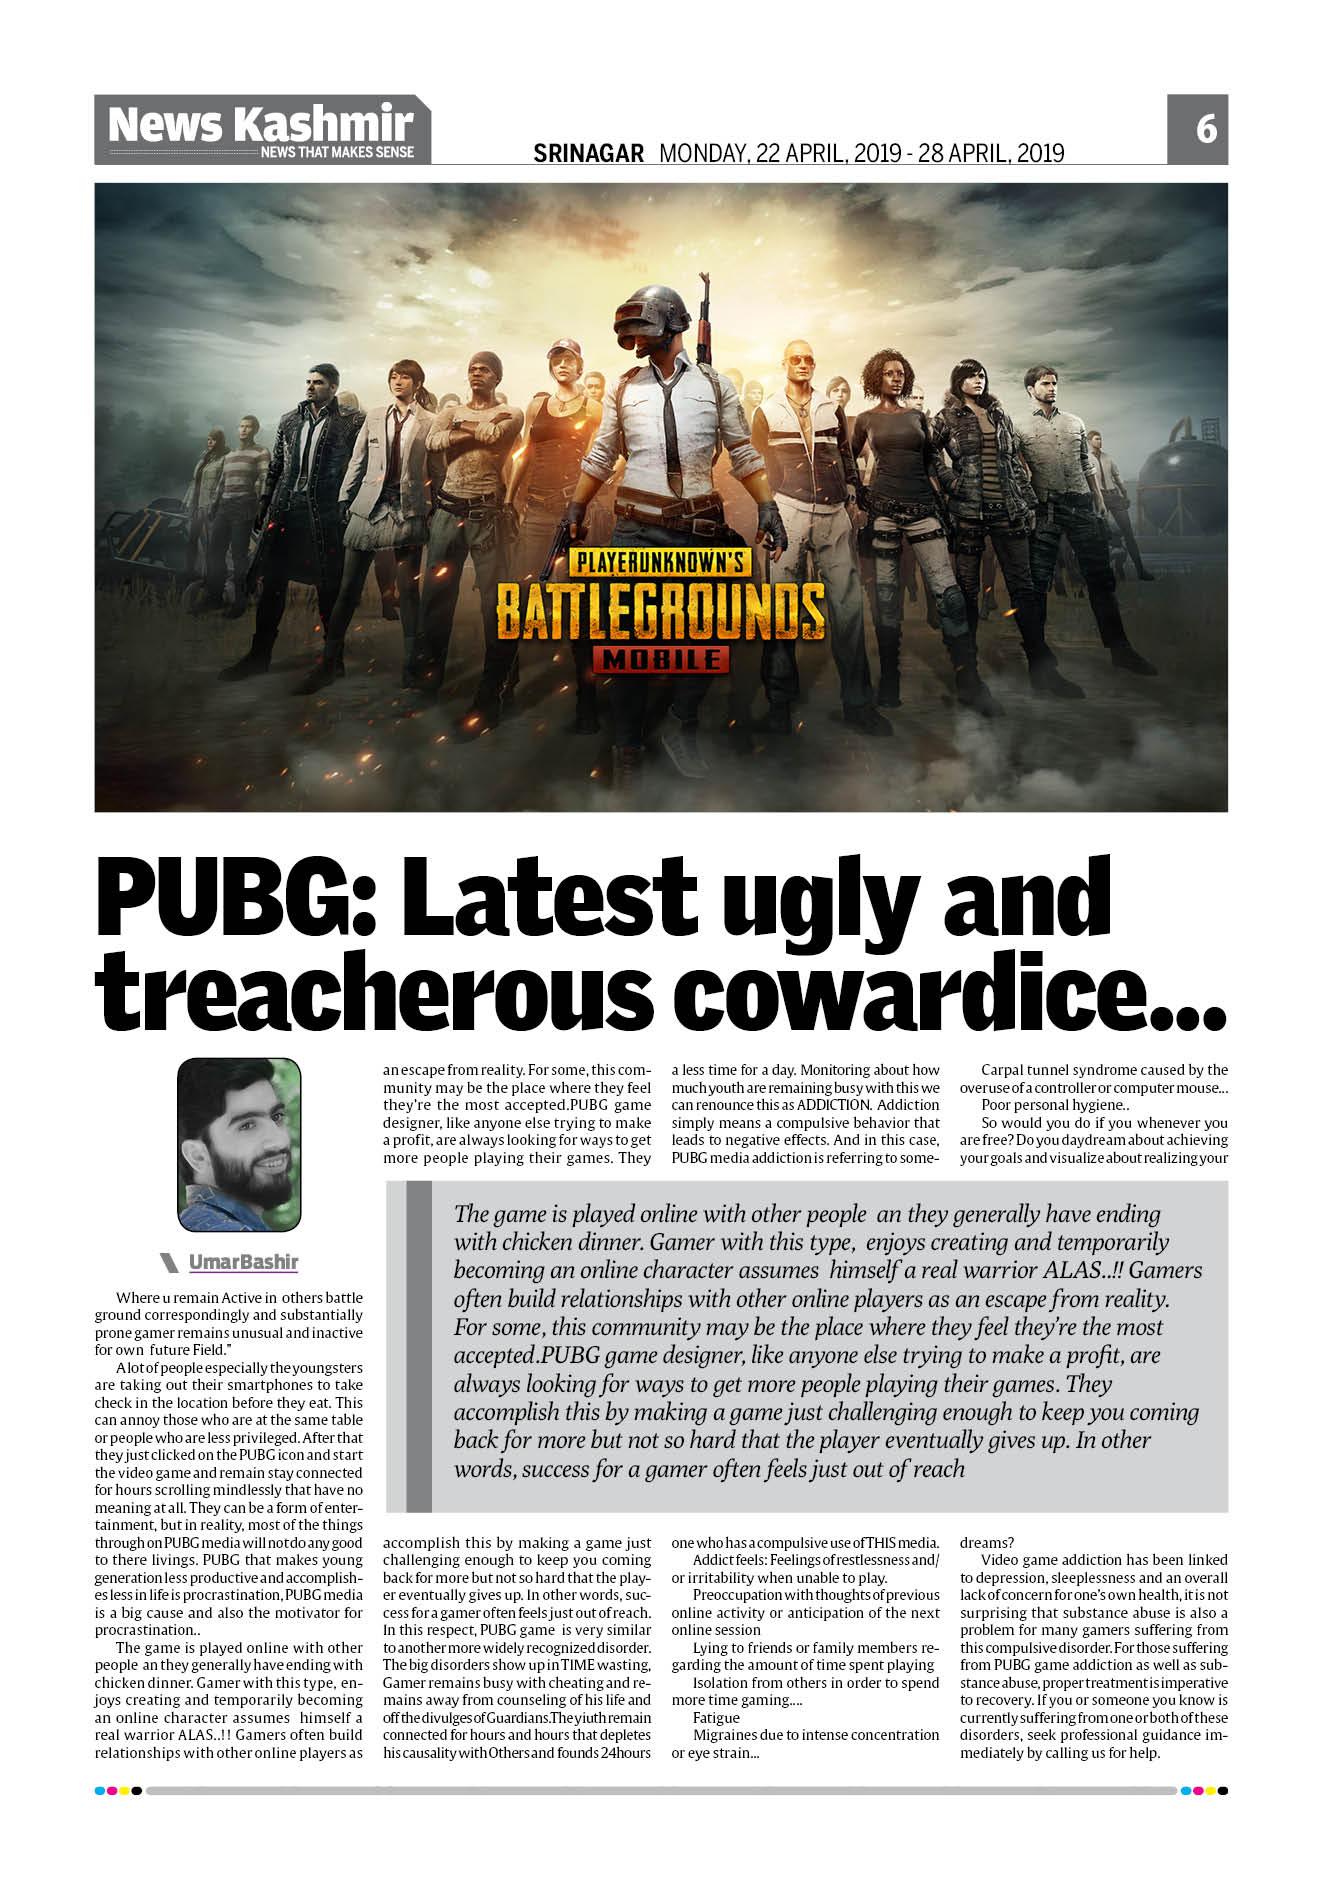 PUBG: Latest ugly and treacherous cowardice